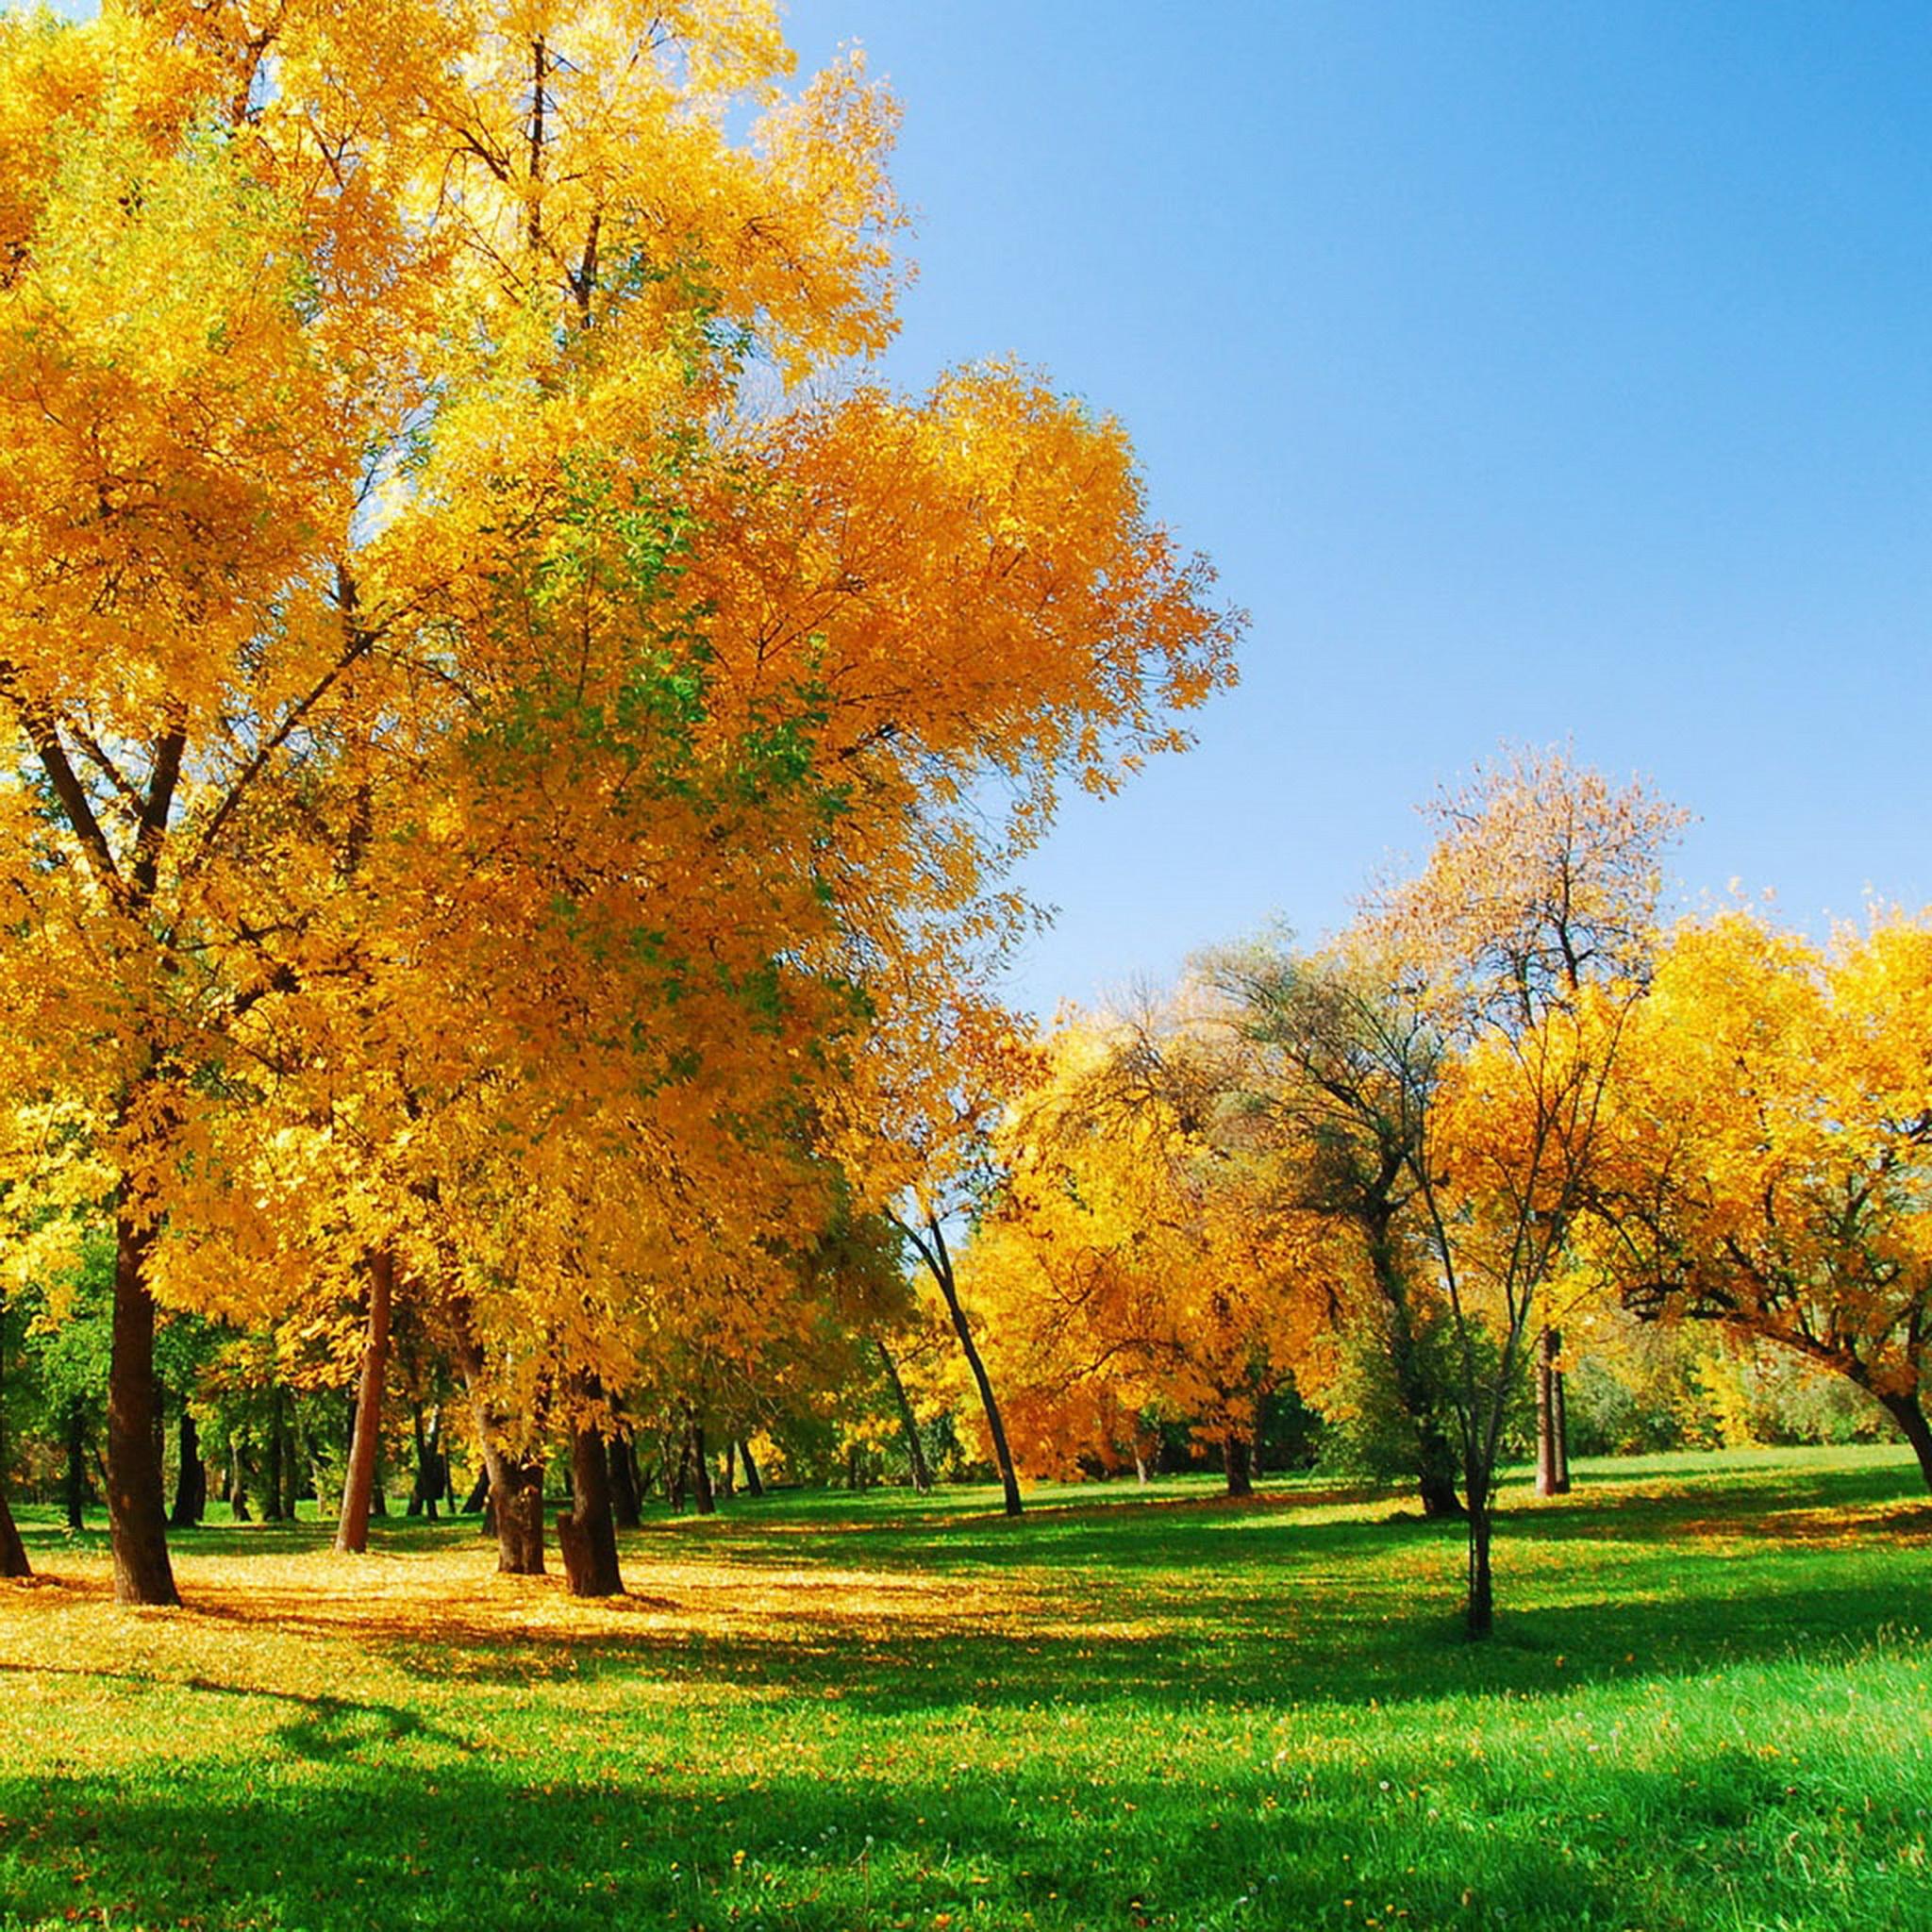 ,枫树,枫叶,秋天,落叶,萧瑟,风景,棕色,